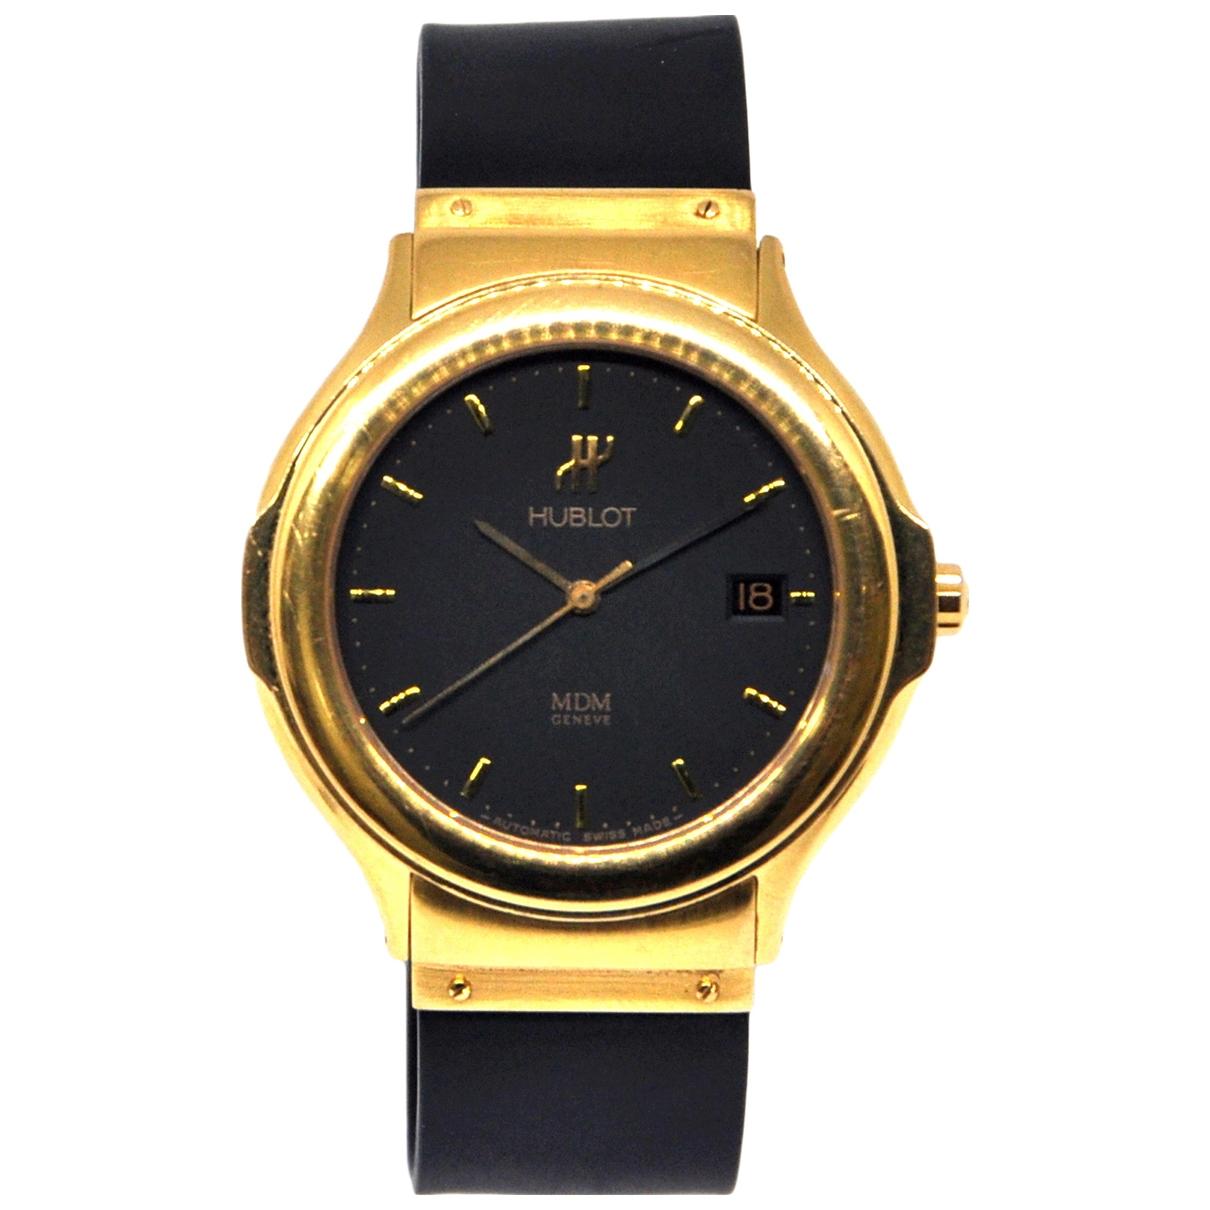 Hublot MDM Uhr in Gelbgold